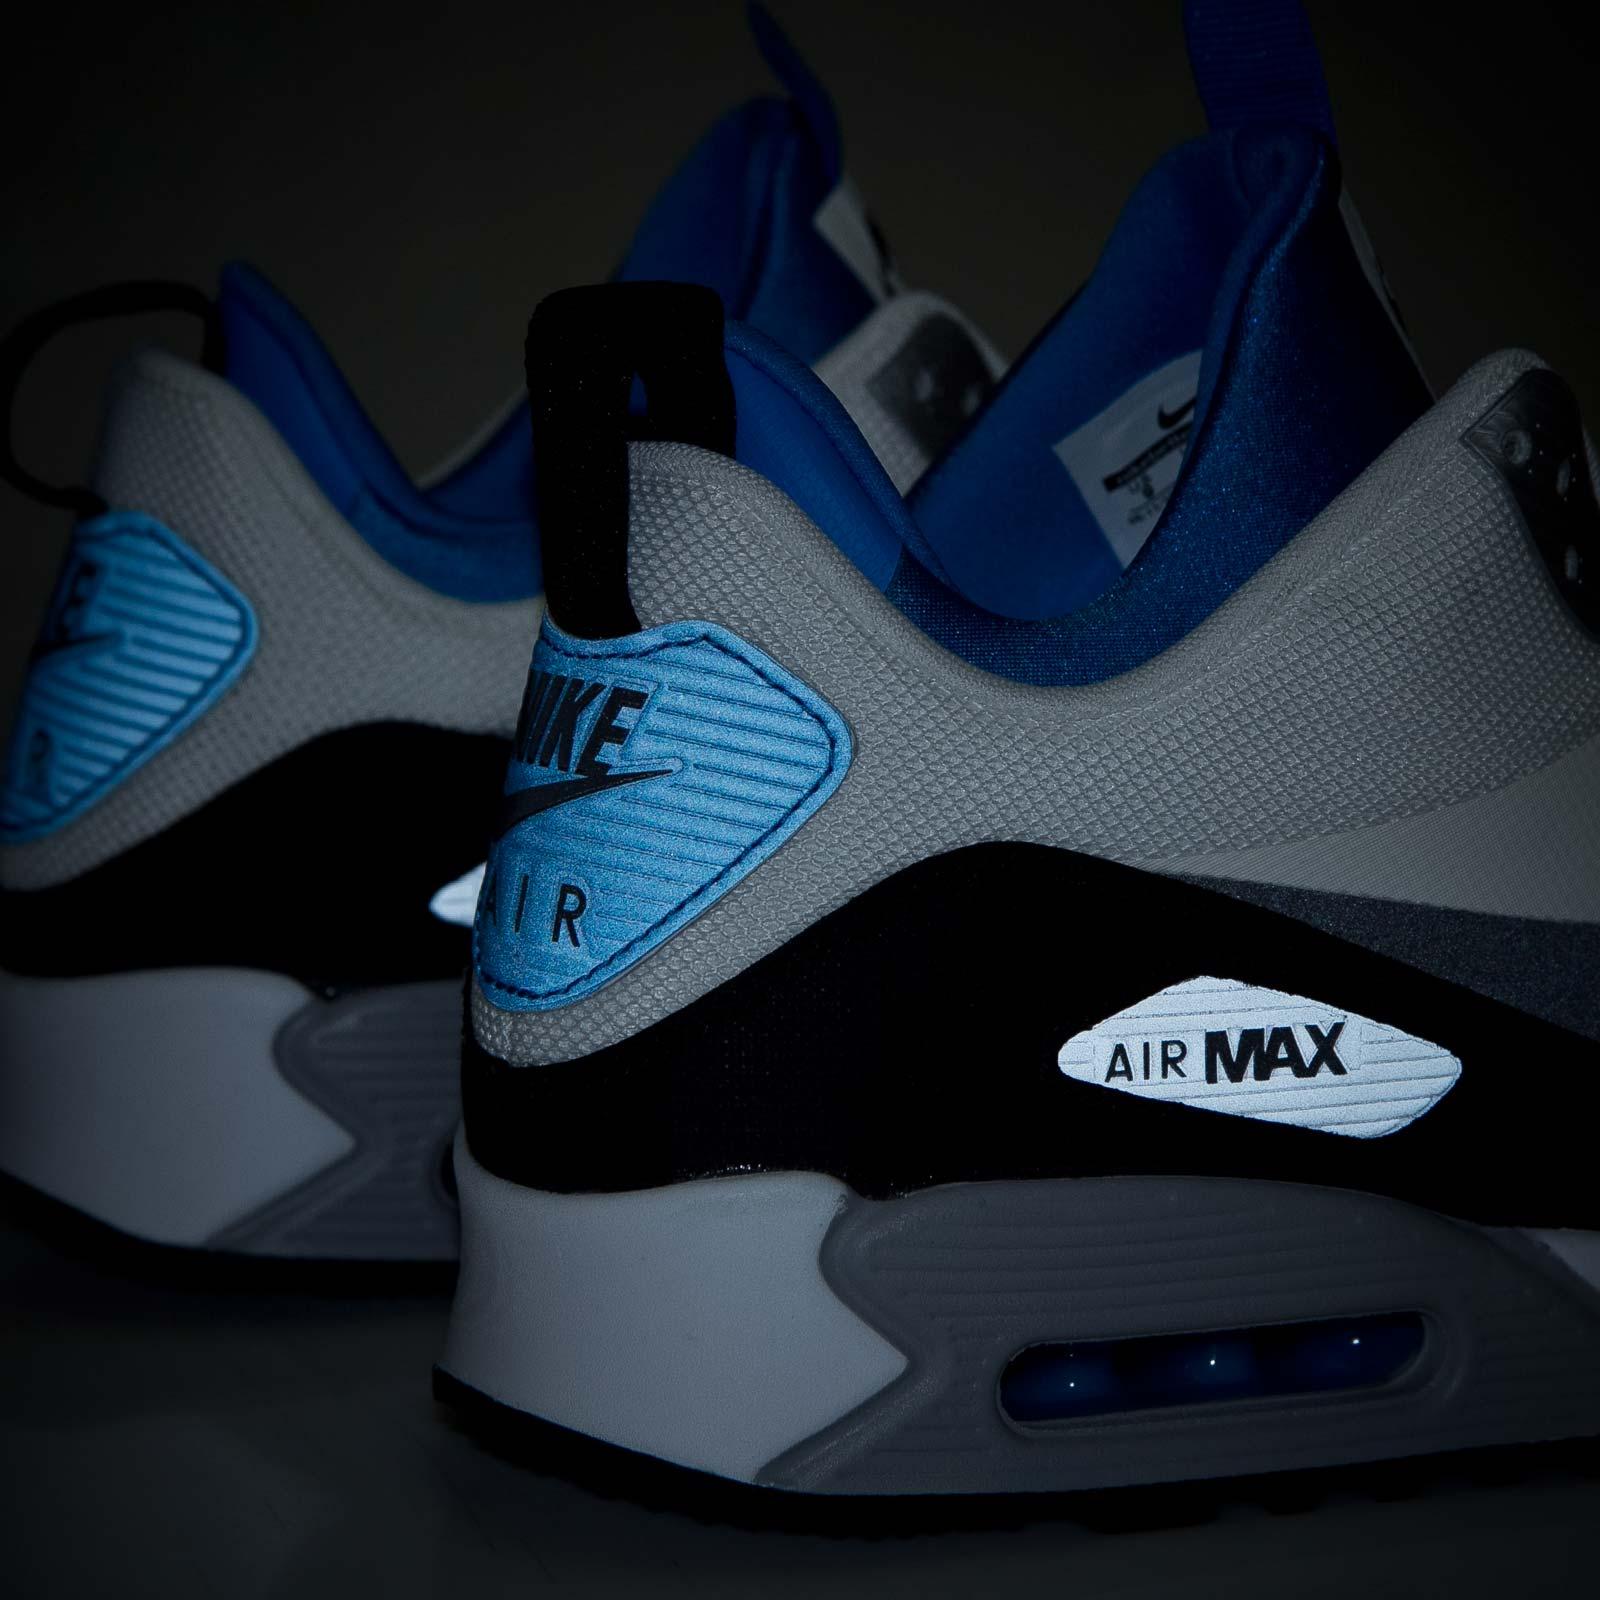 buy popular ee29a a8051 Nike Air Max 90 Sneakerboot NS - 616314-104 - Sneakersnstuff   sneakers    streetwear online since 1999